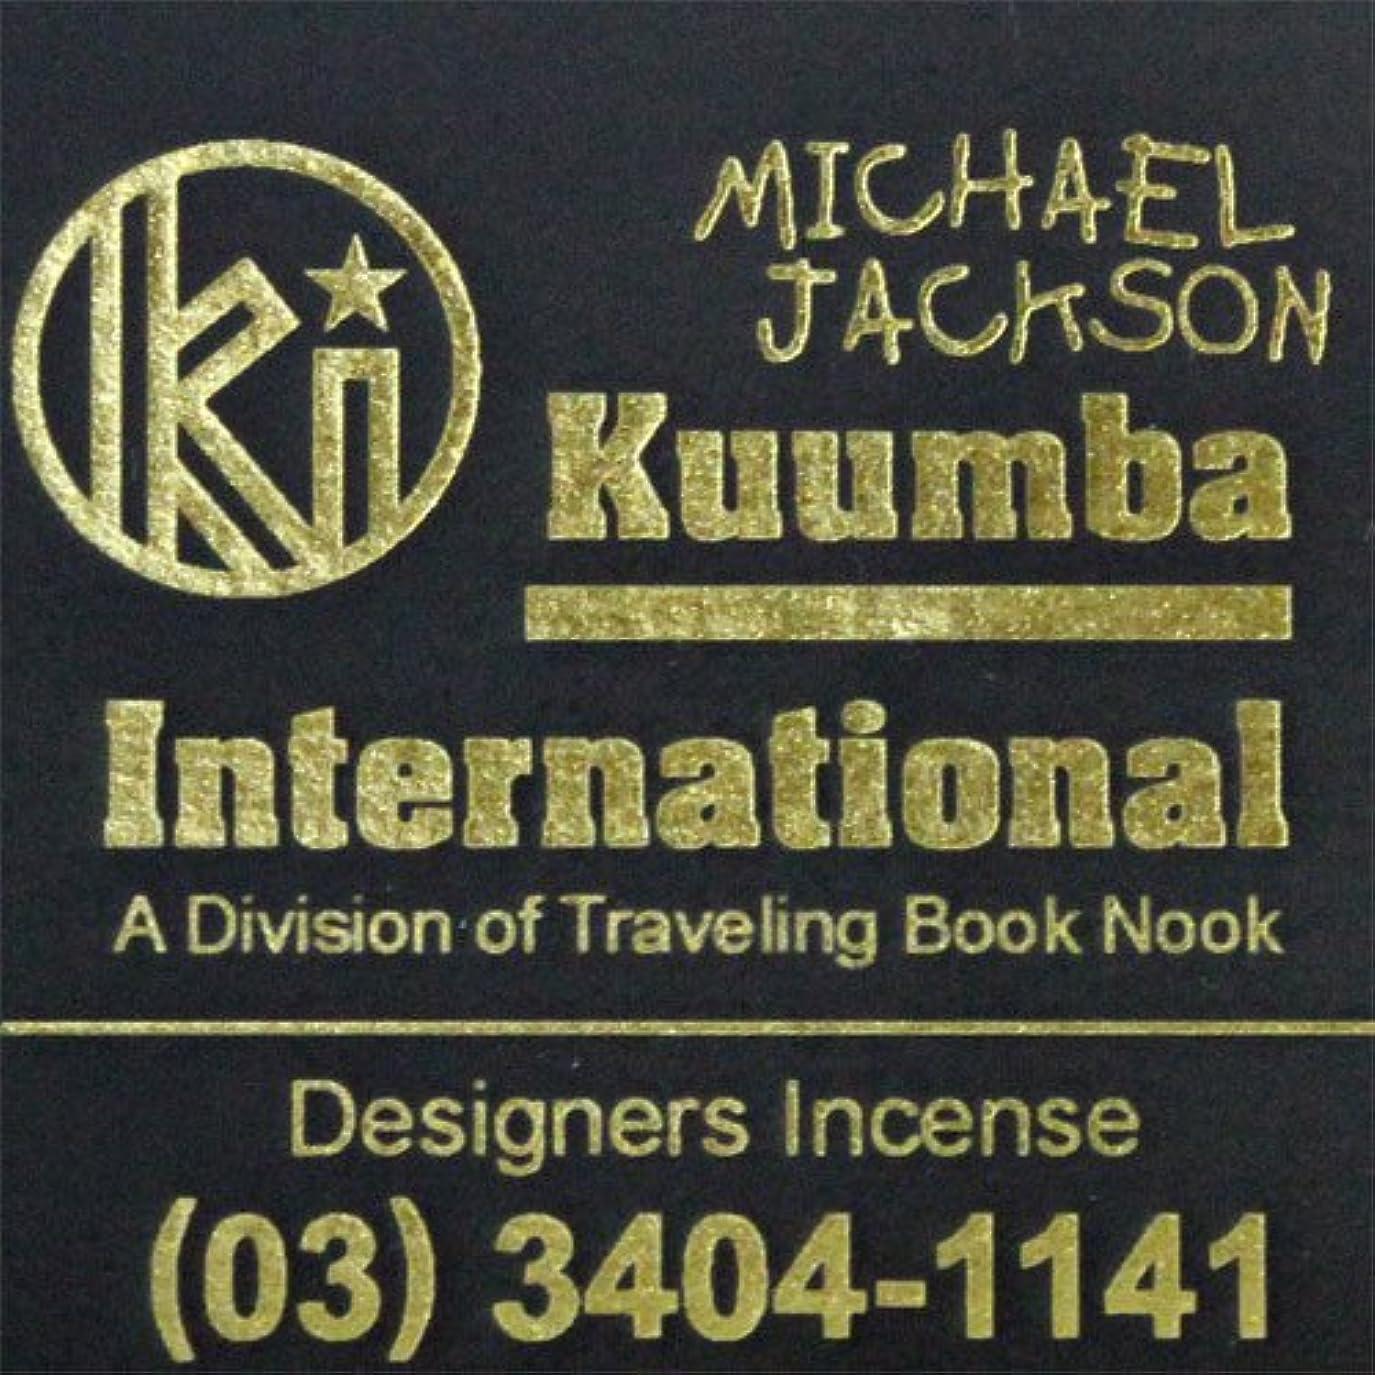 看板ひばり調停者(クンバ) KUUMBA『incense』(MICHAEL JACKSON) (Regular size)